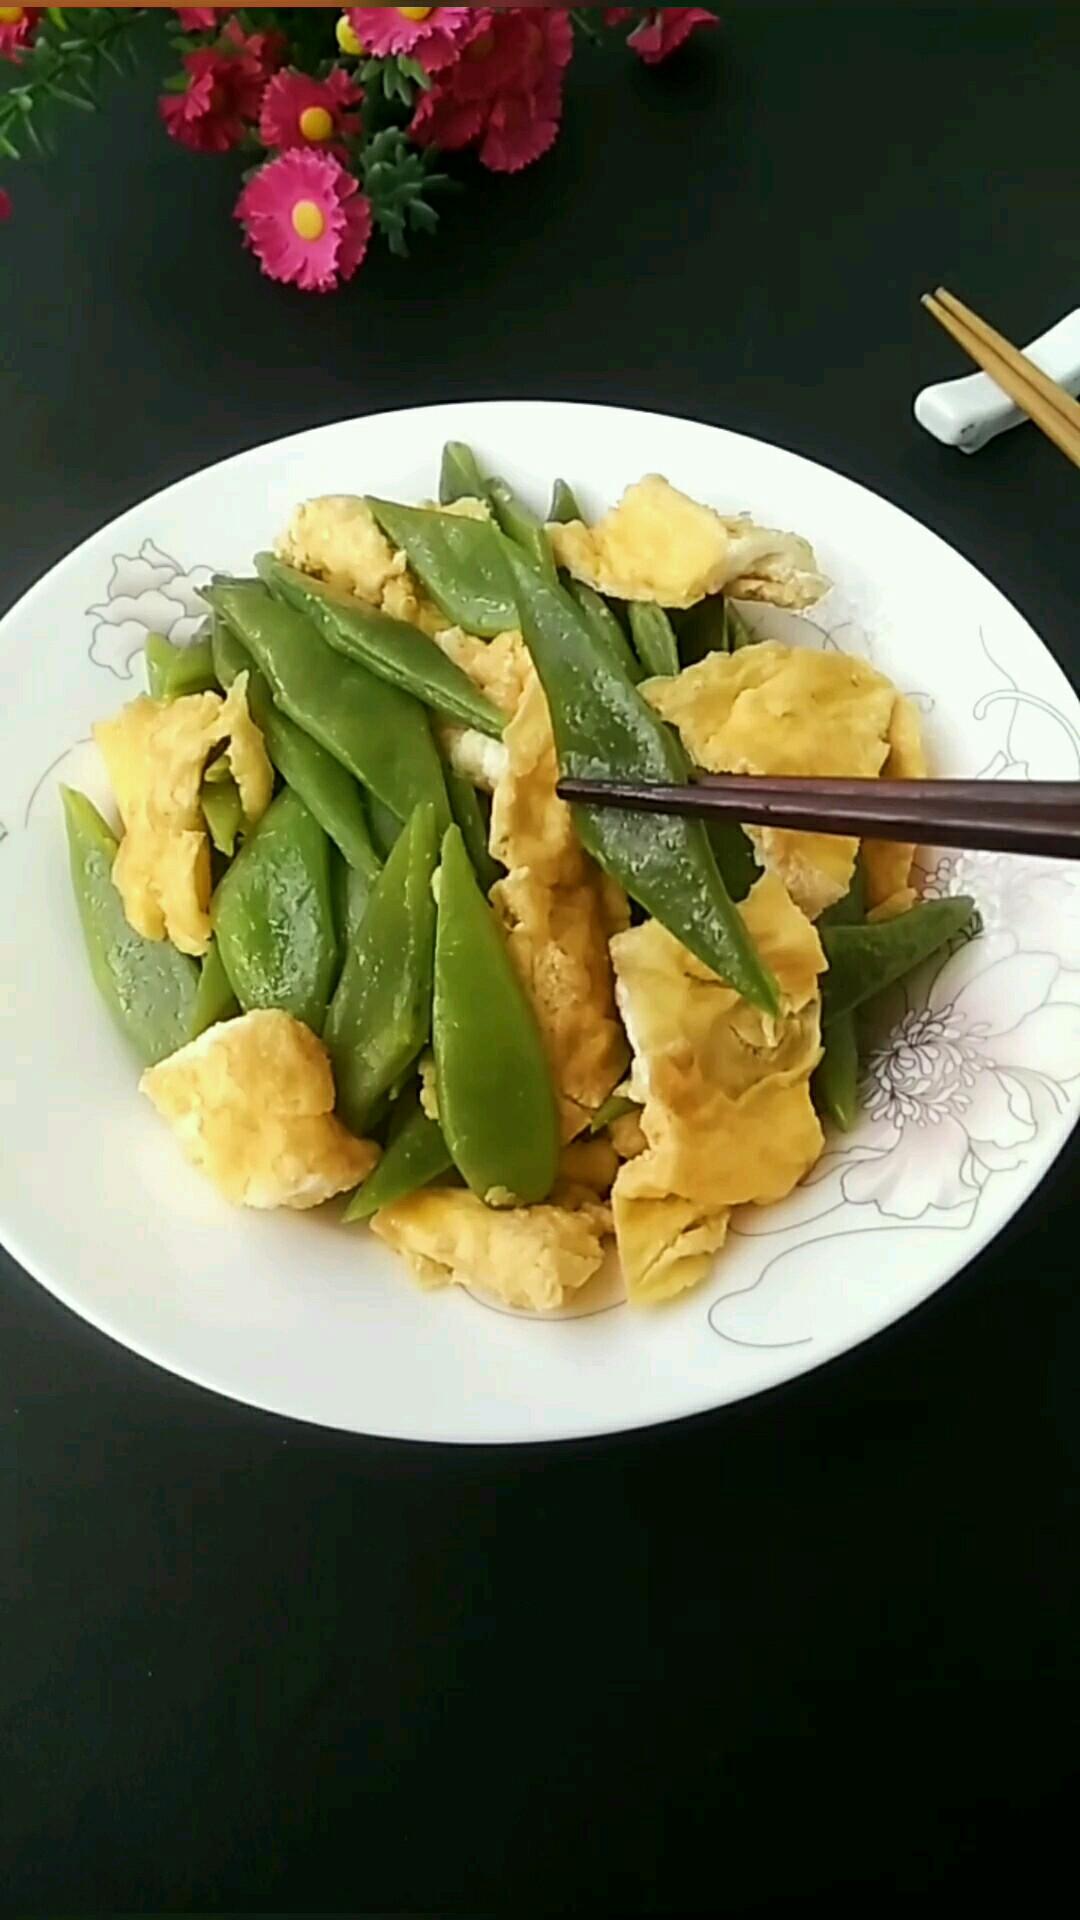 普通食材 家常美味的做法